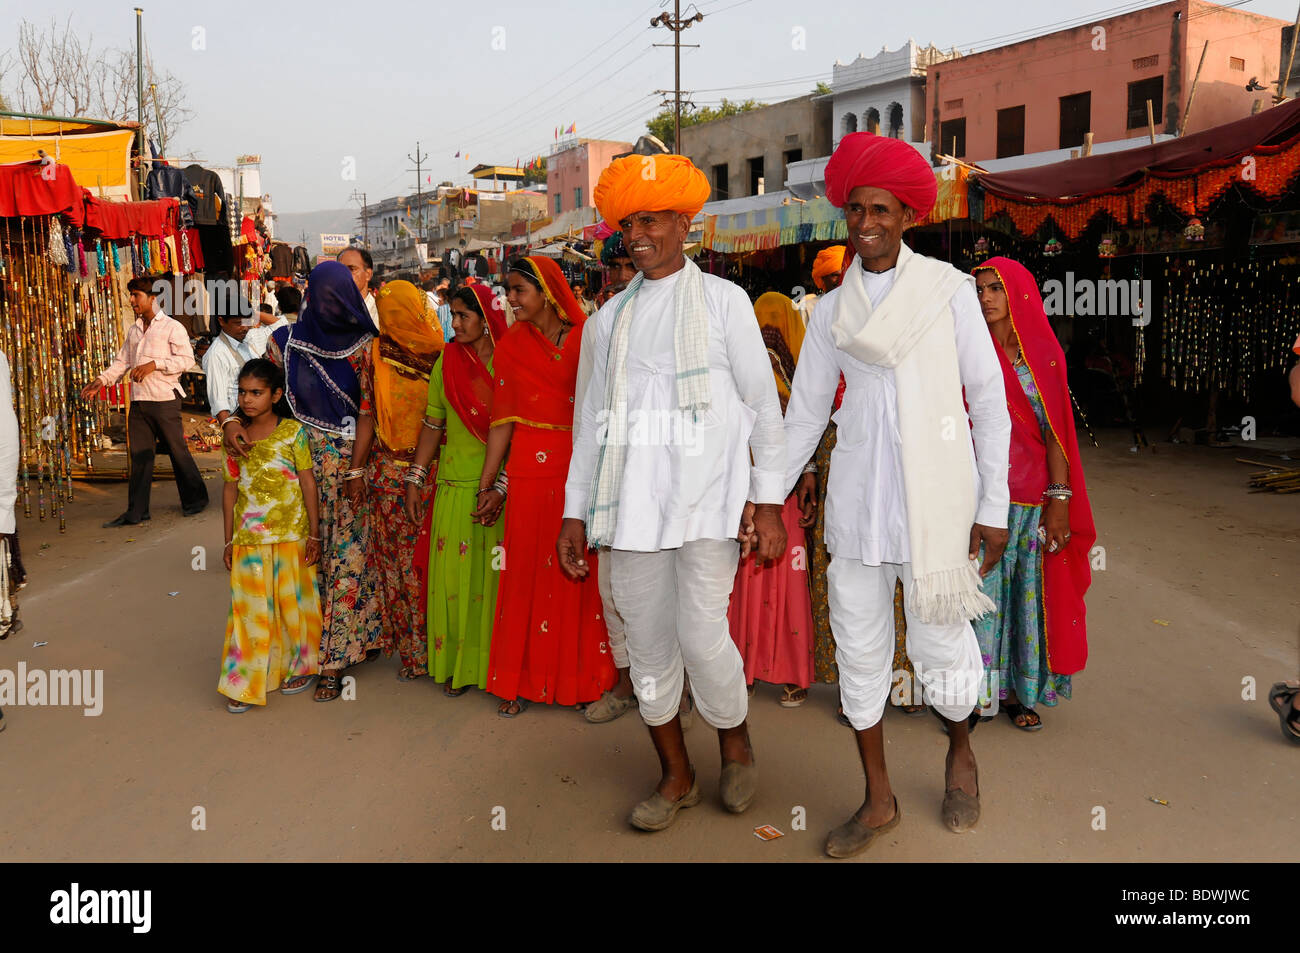 Indian family, Pushkar Mela, Pushkar, large cattle and camel market, Rajasthan, northern India, Asia Stock Photo